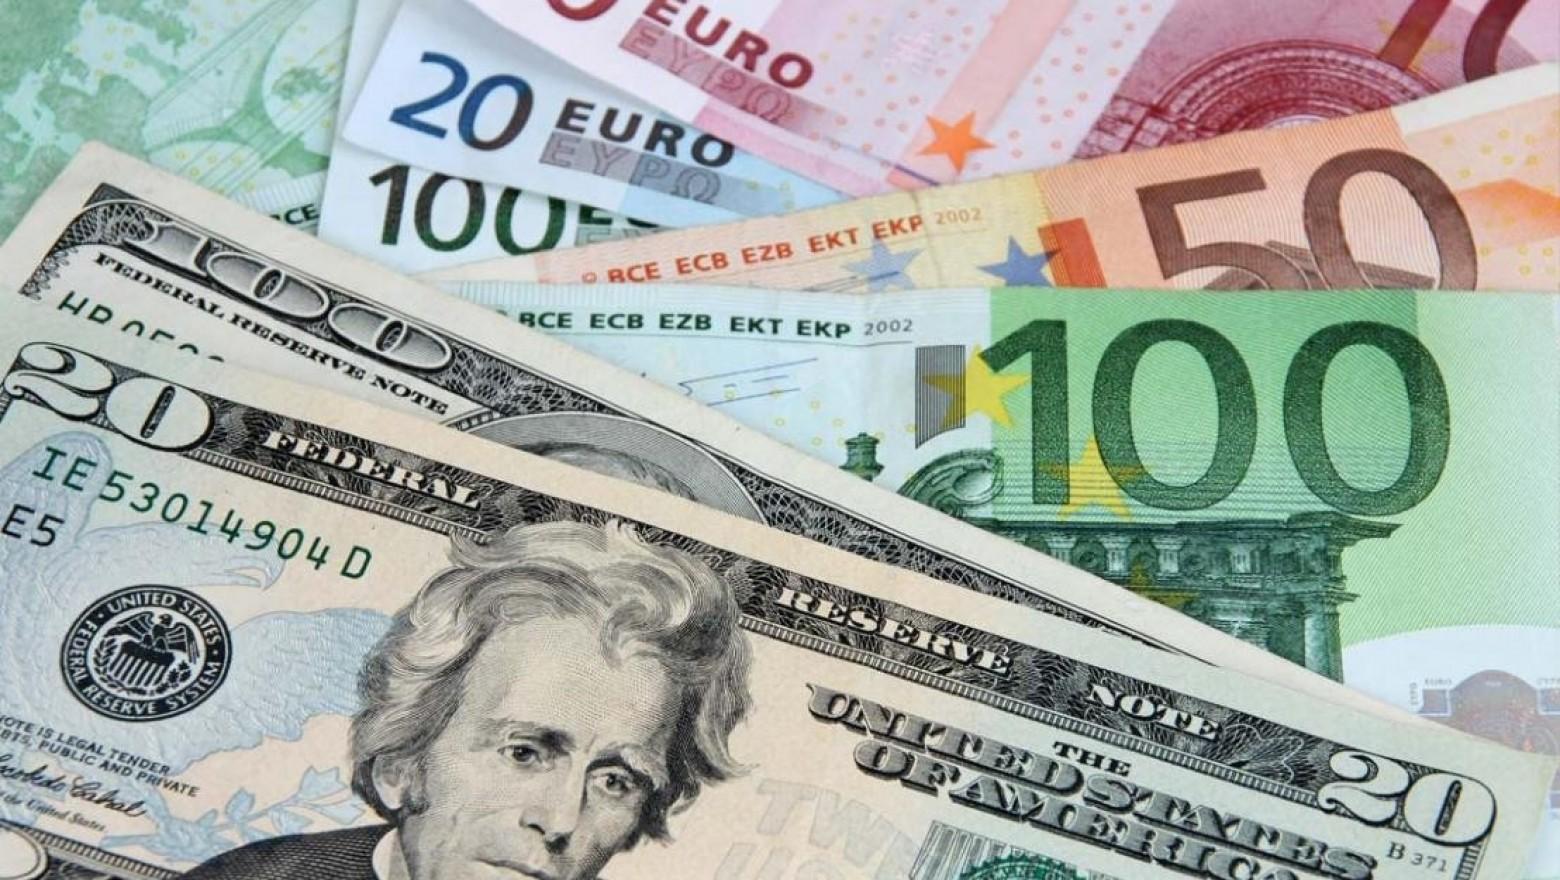 Ercan'da 20 bin dolarla yakalandı